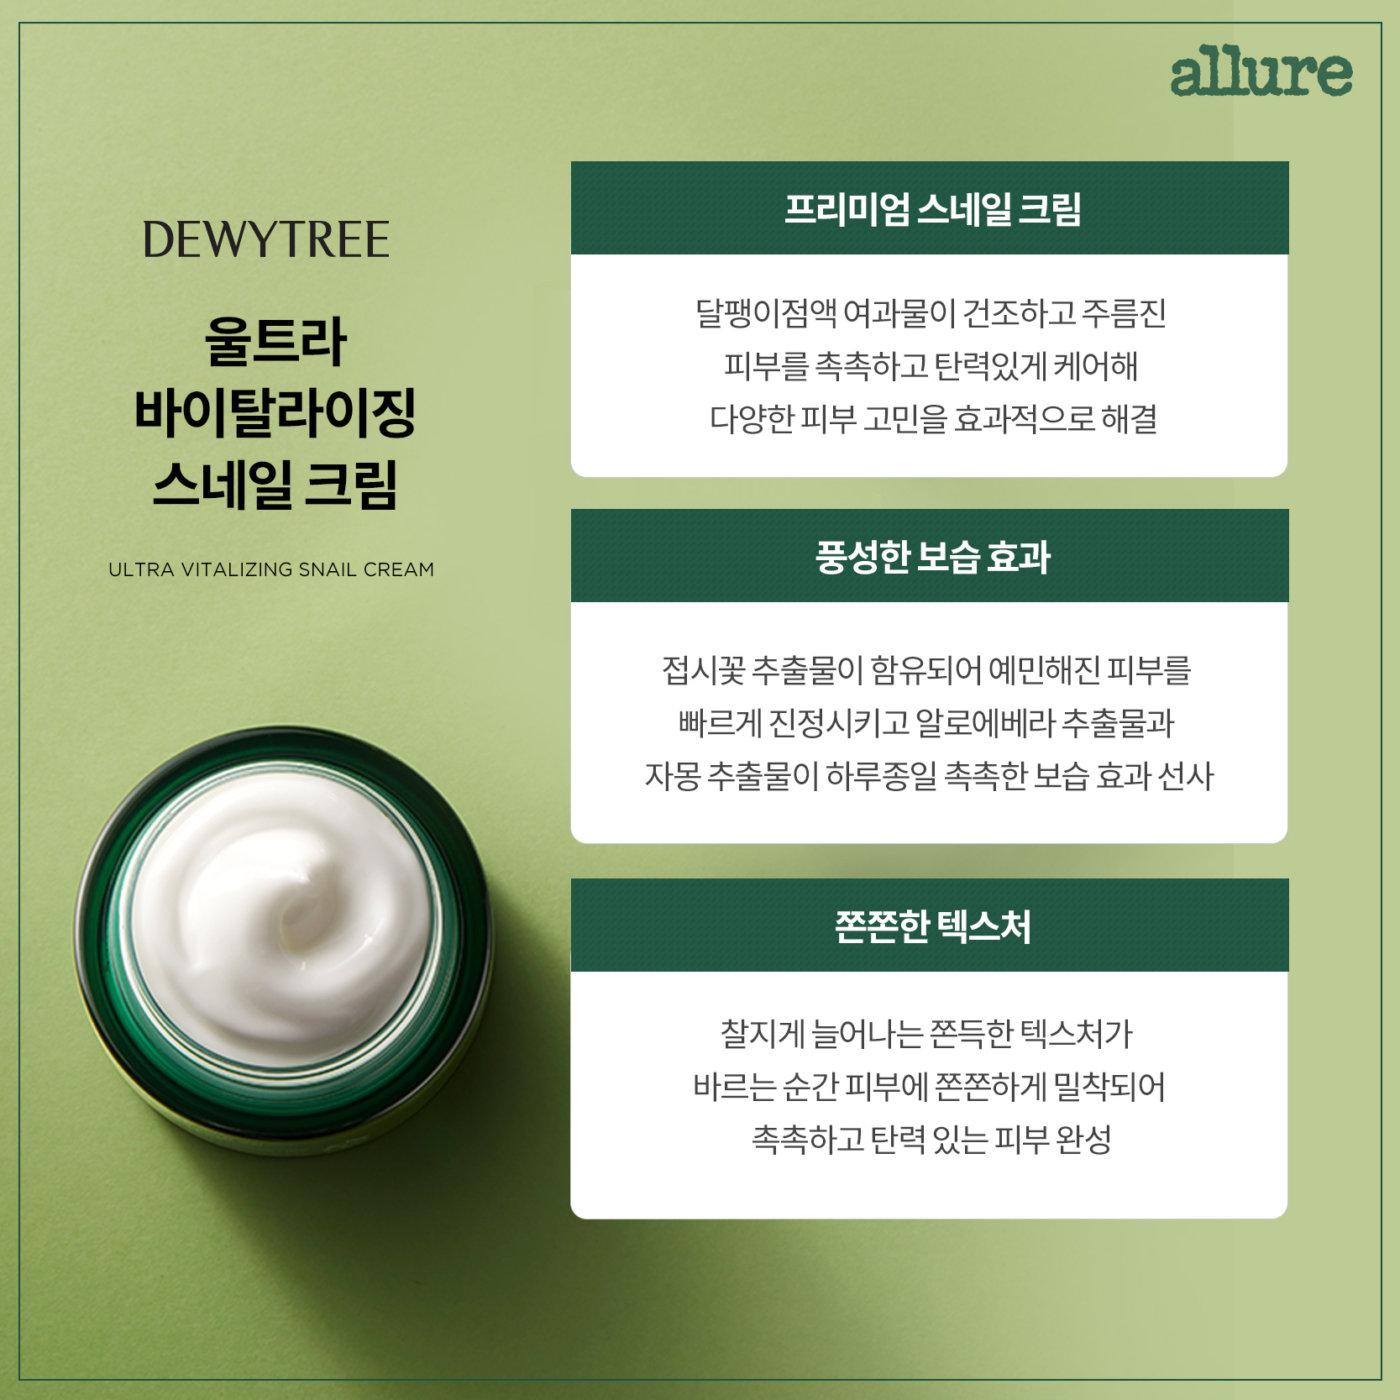 겨울엔 역시! 명불허전 달팽이 크림   얼루어 코리아 (Allure Korea)